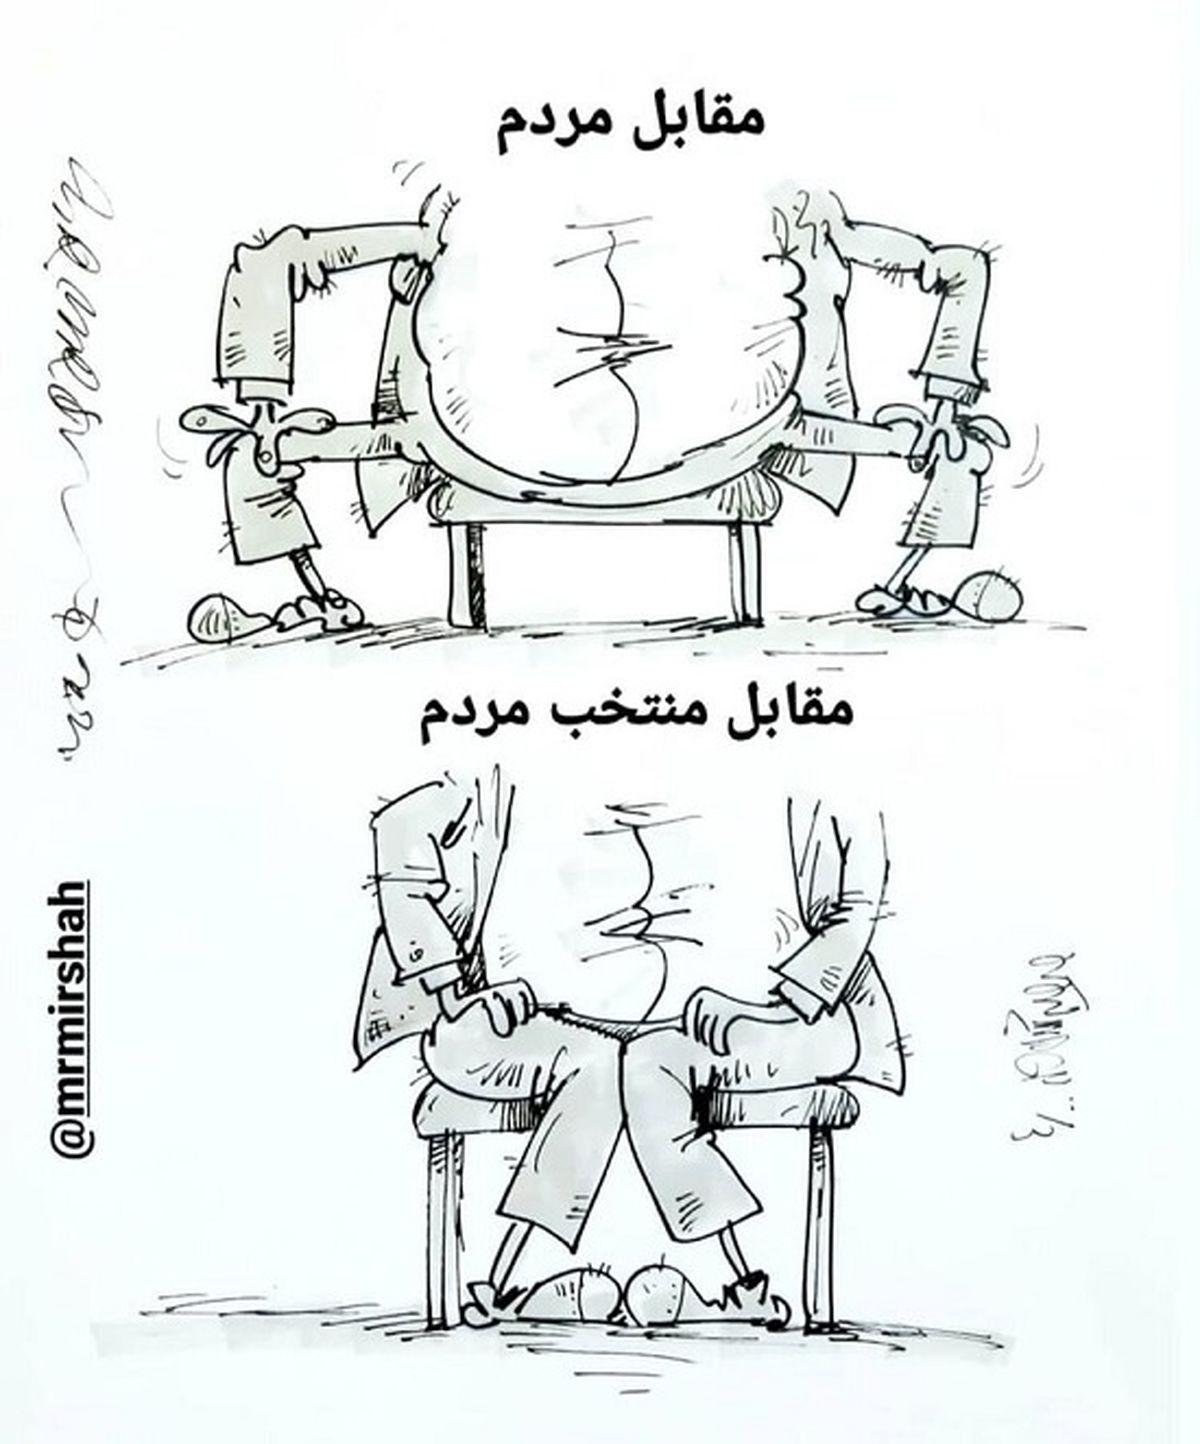 عکس:  نشستن عیسی کلانتری جلوی مردم و رئیسی